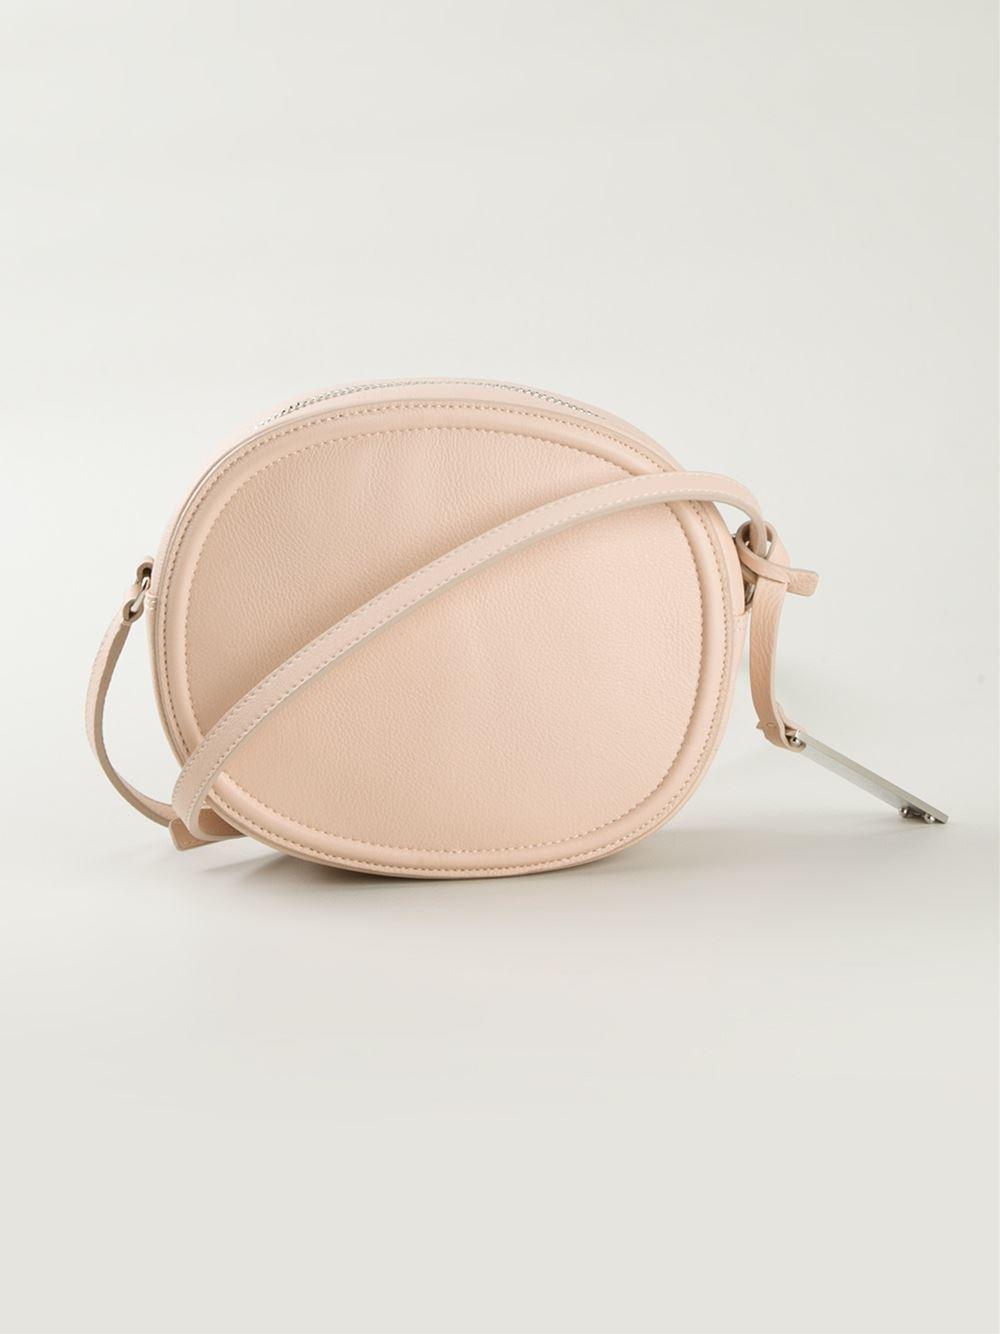 N°21 embellished satchel bag - Nude & Neutrals HrXf3lgh0